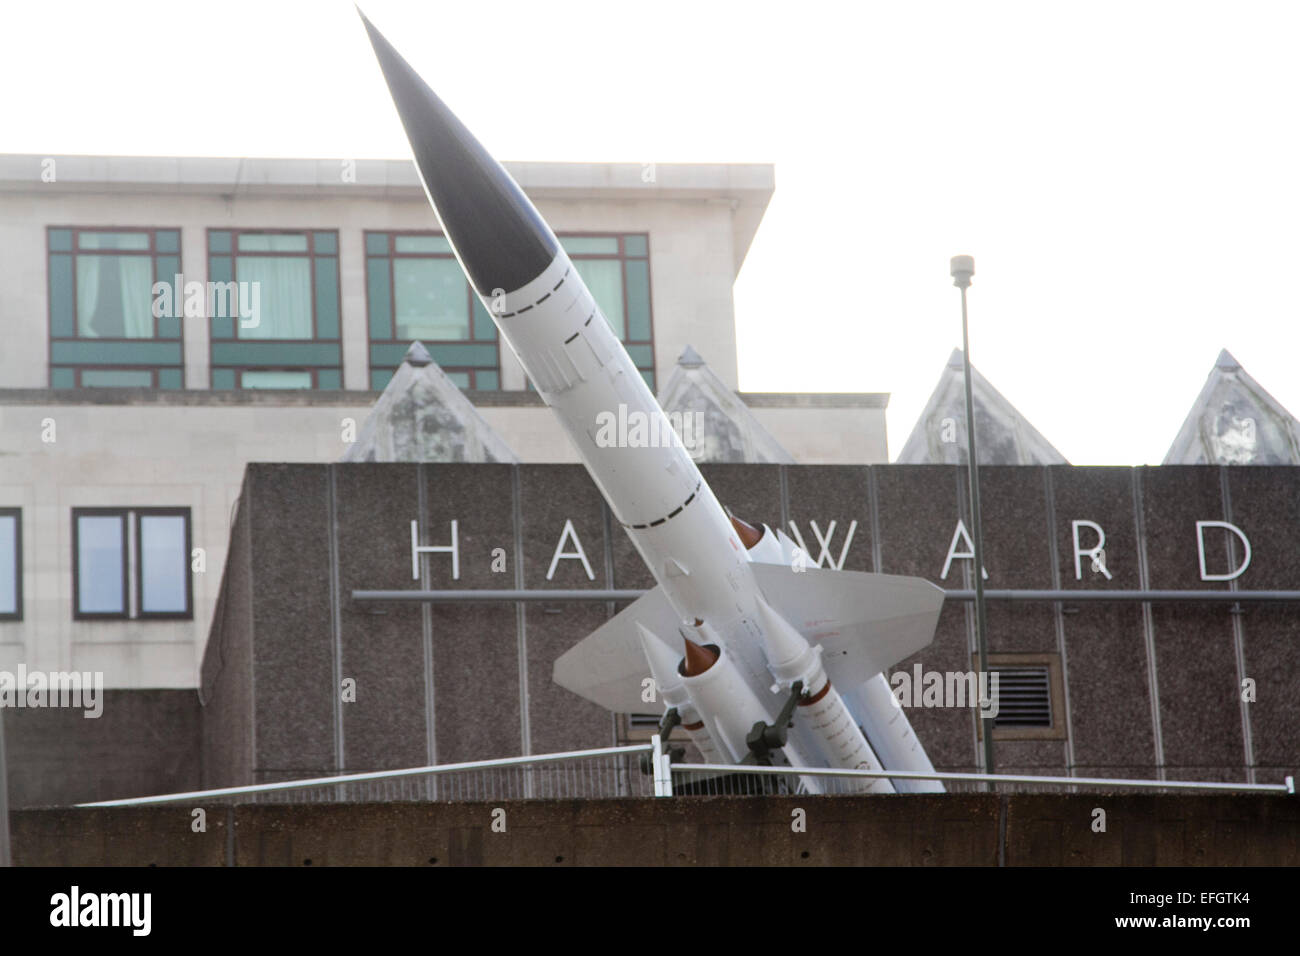 Londres, Reino Unido. 4 de febrero de 2015. Una guerra fría bloodhound lanzamisiles creada por el artista Richard Imagen De Stock